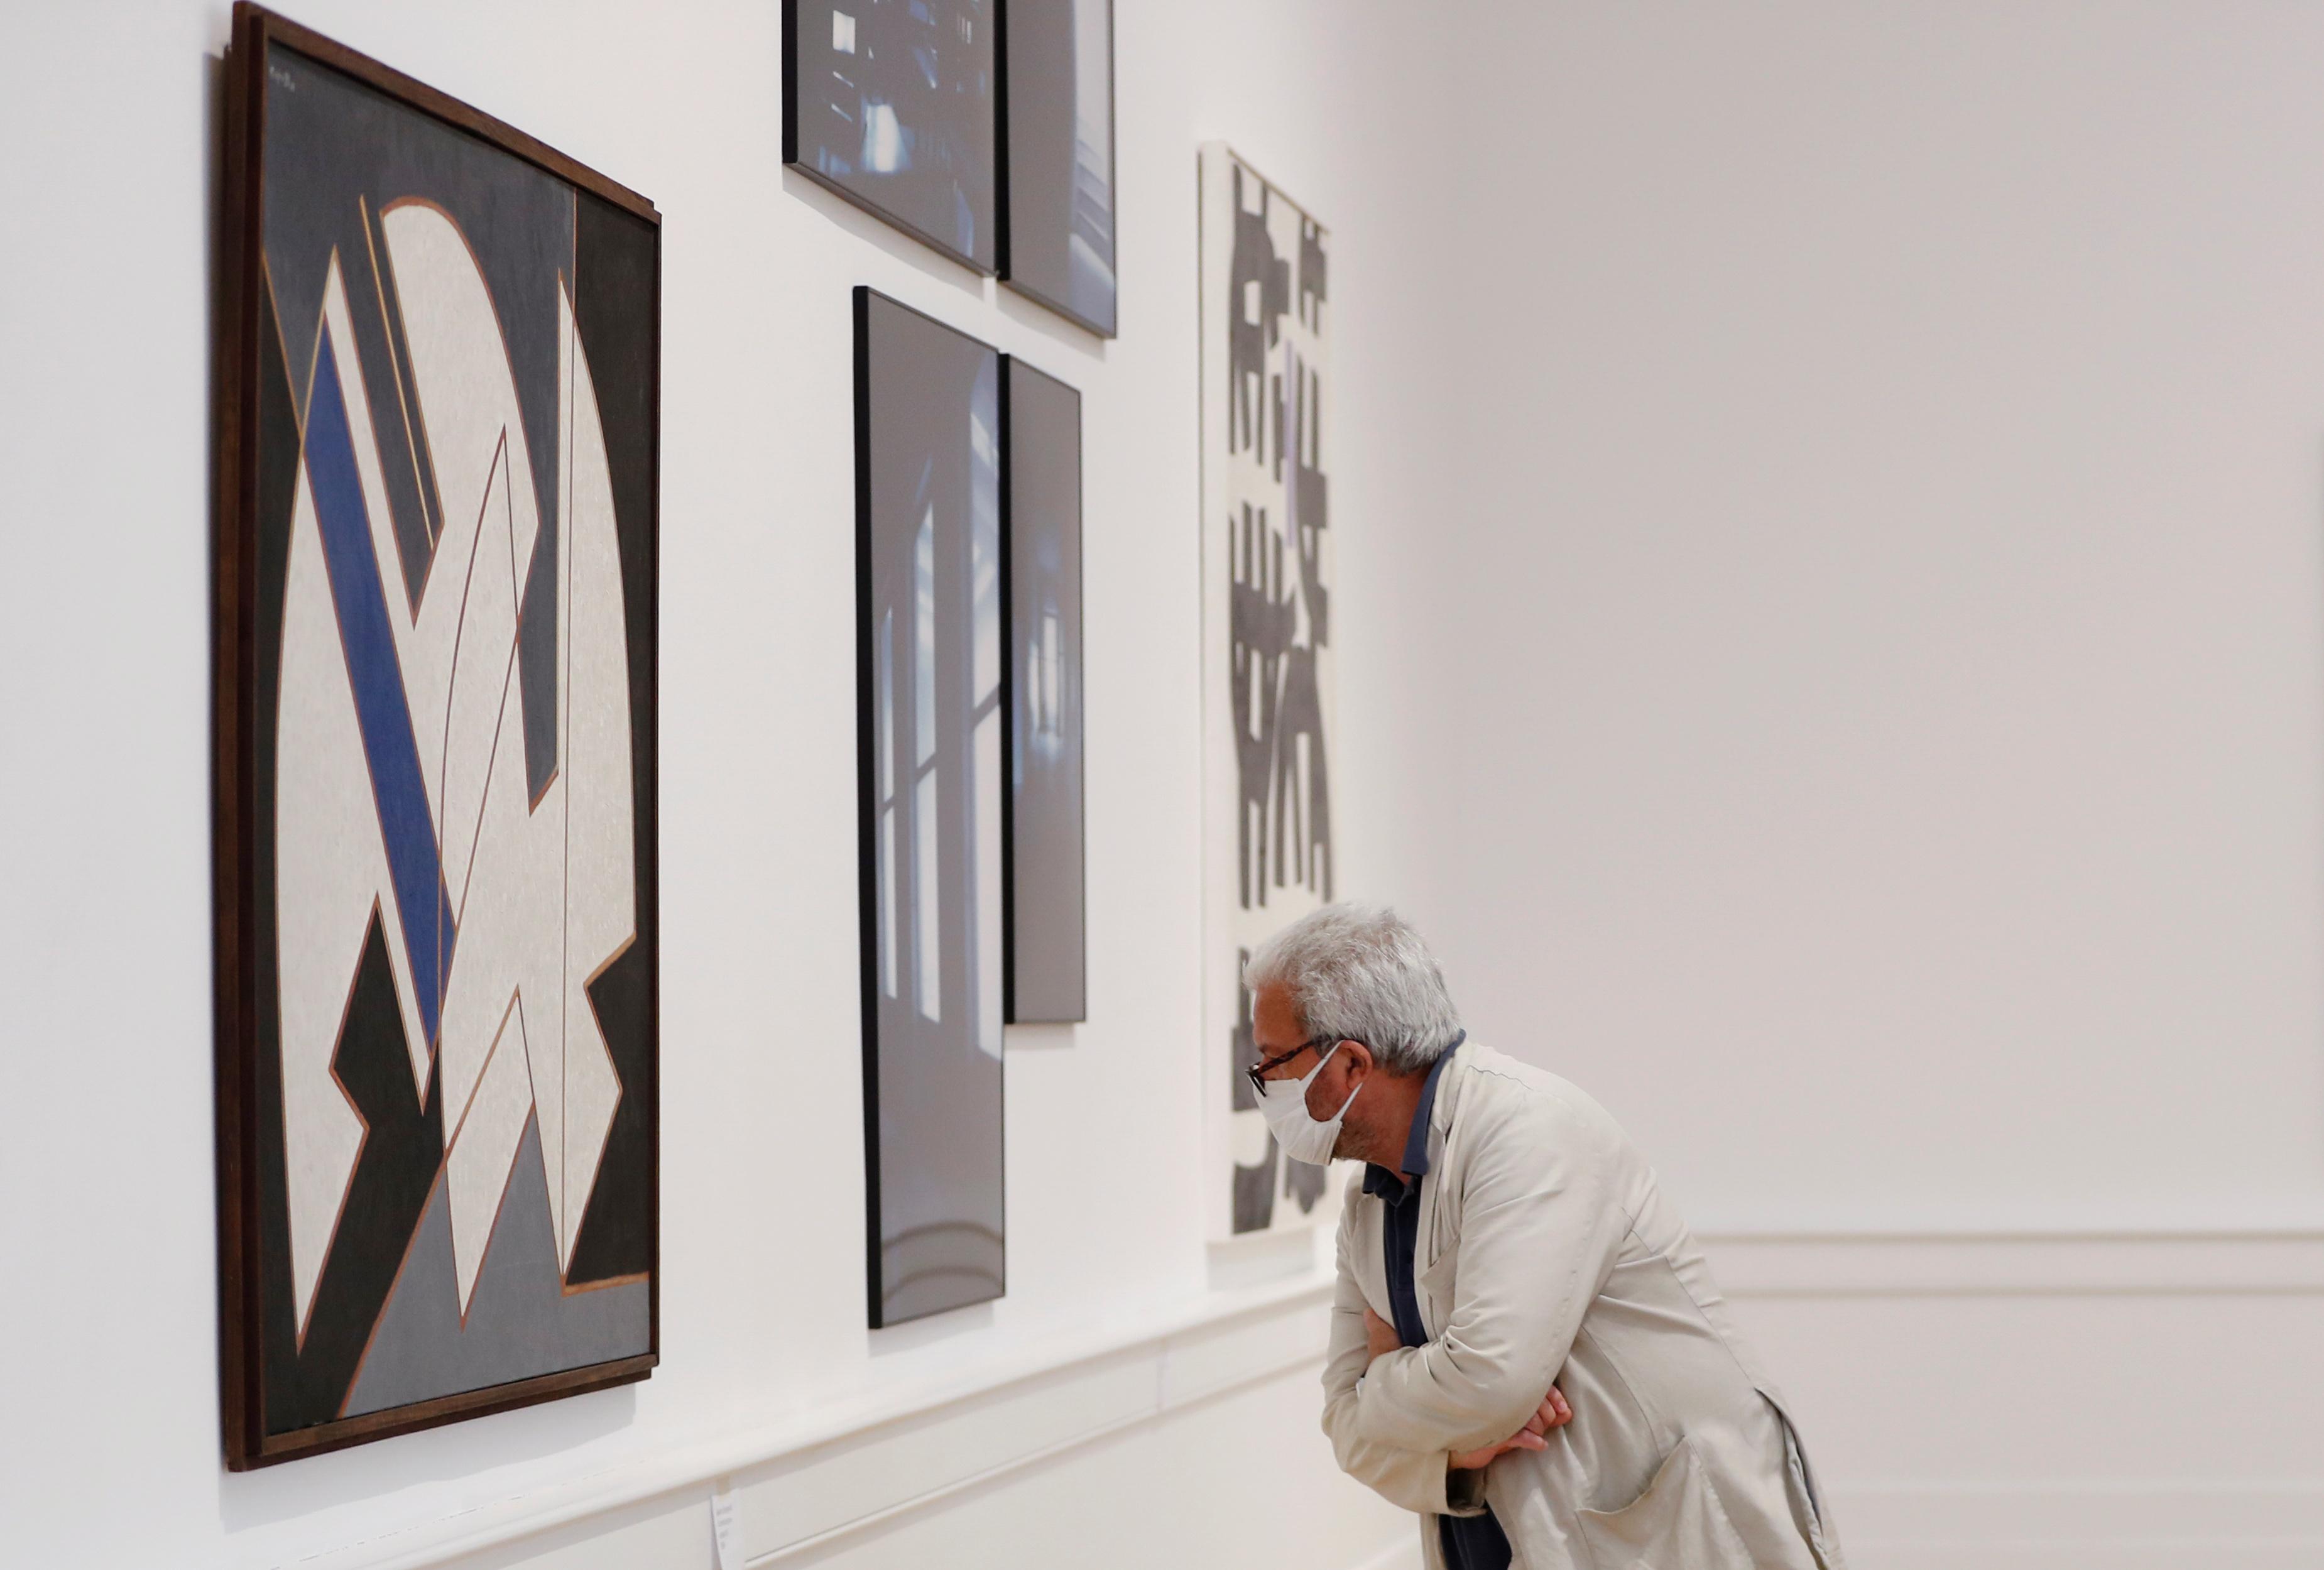 Un hombre en la Galería Nacional de Arte Moderno y Contemporáneo de Roma (Reuters/ Yara Nardi)